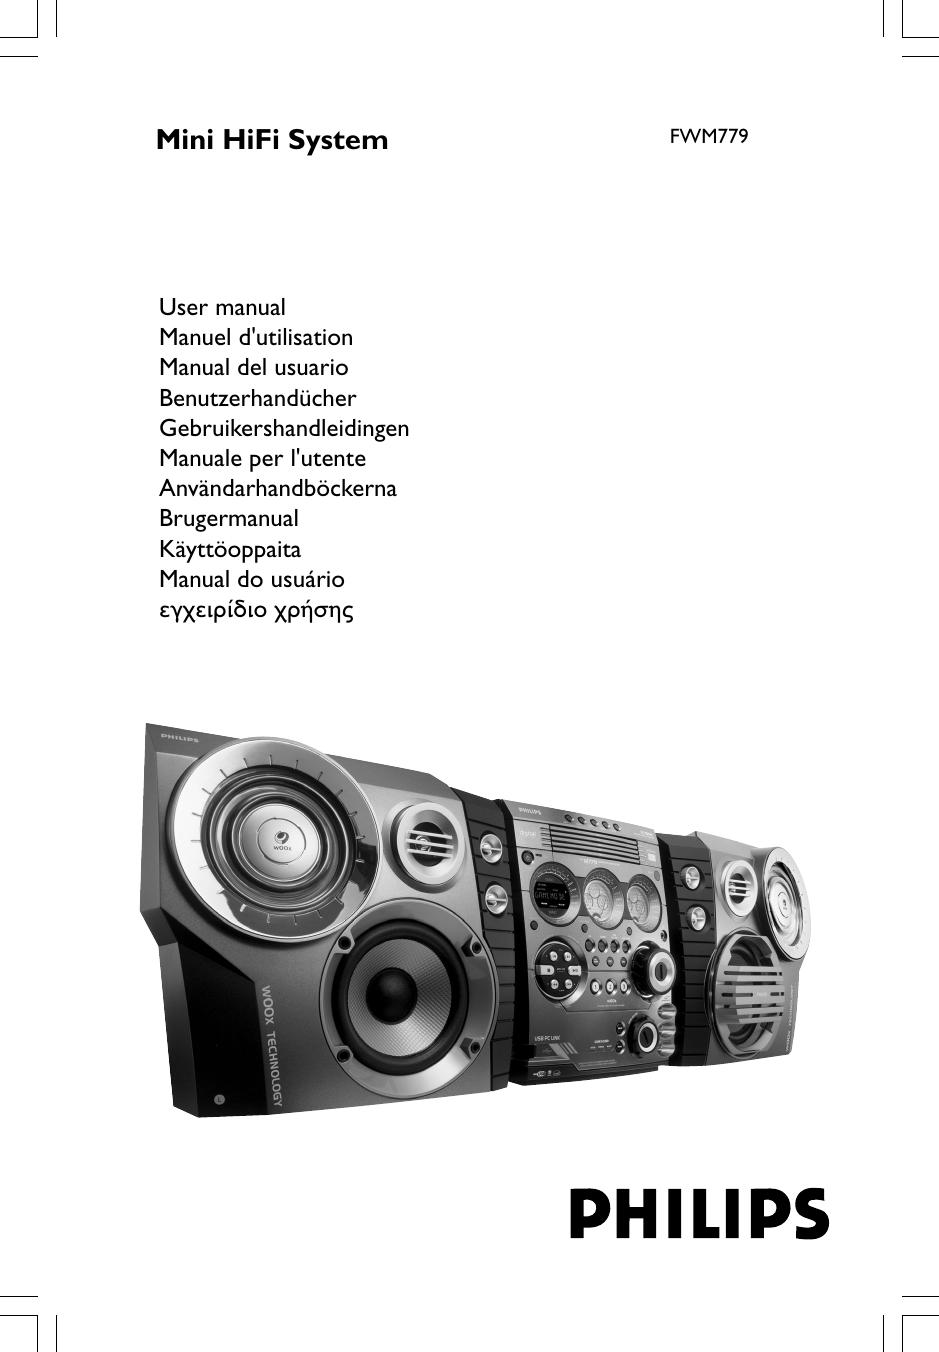 Philips FWM779/22 FW M779 22 P174 P197_Dan User Manual